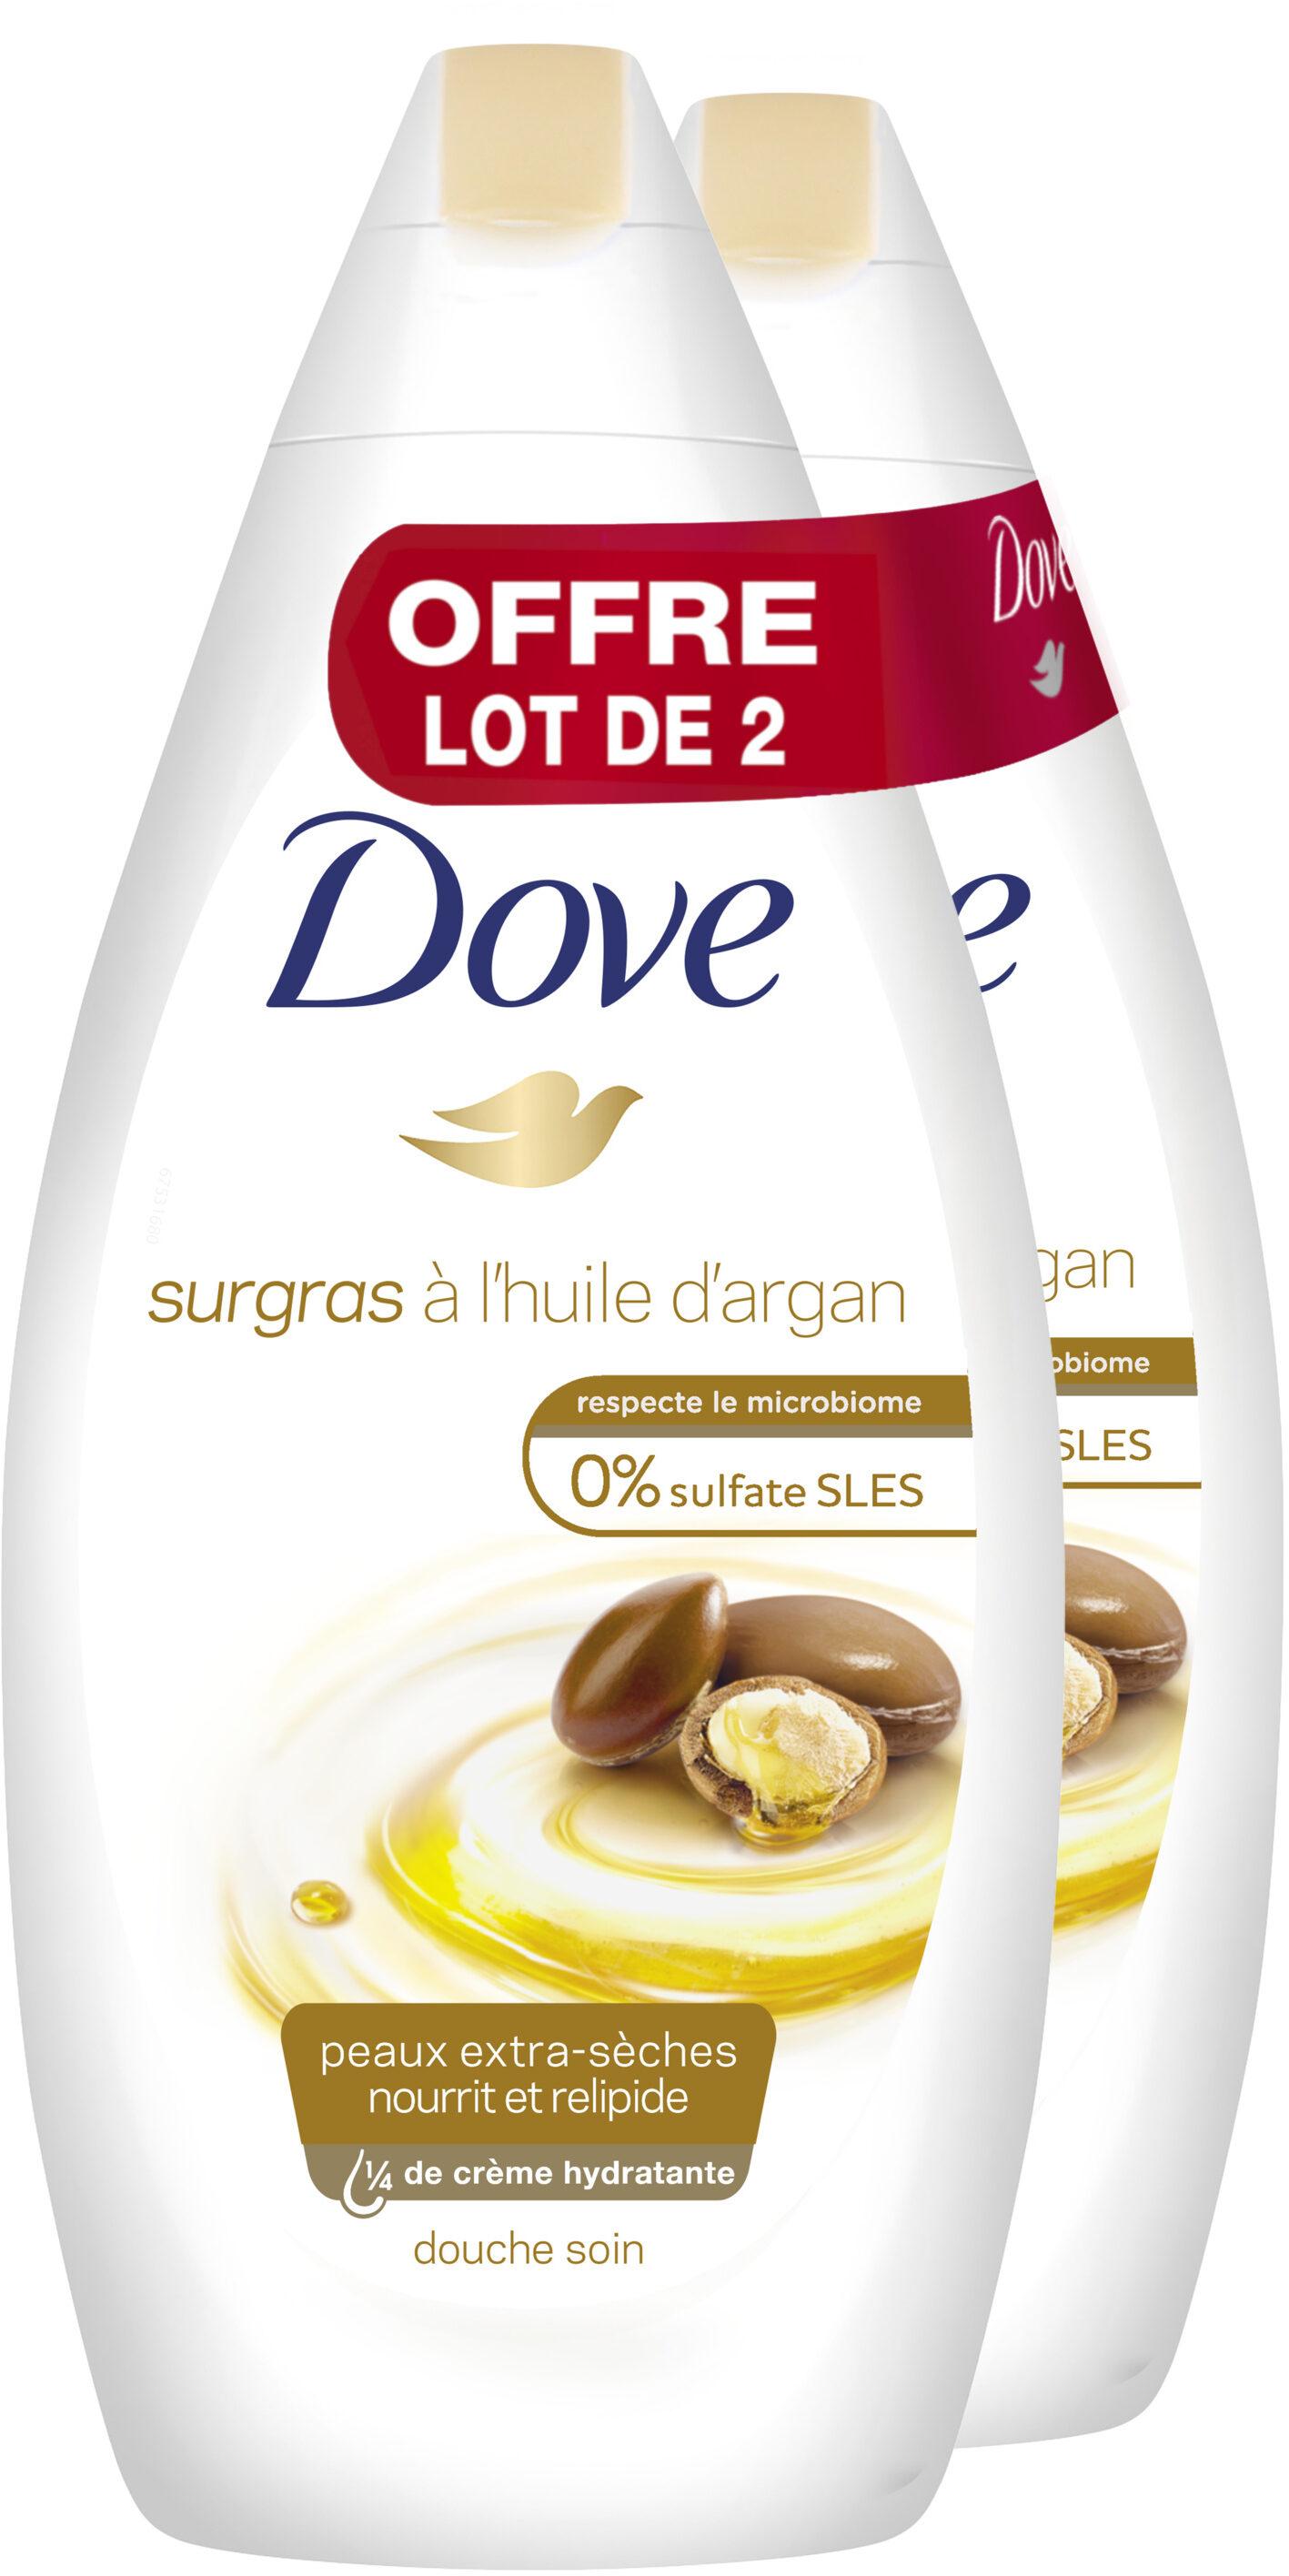 Dove Gel Douche Soin Infusée à l'Huile d'Argan Lot 2x400ML - Product - fr